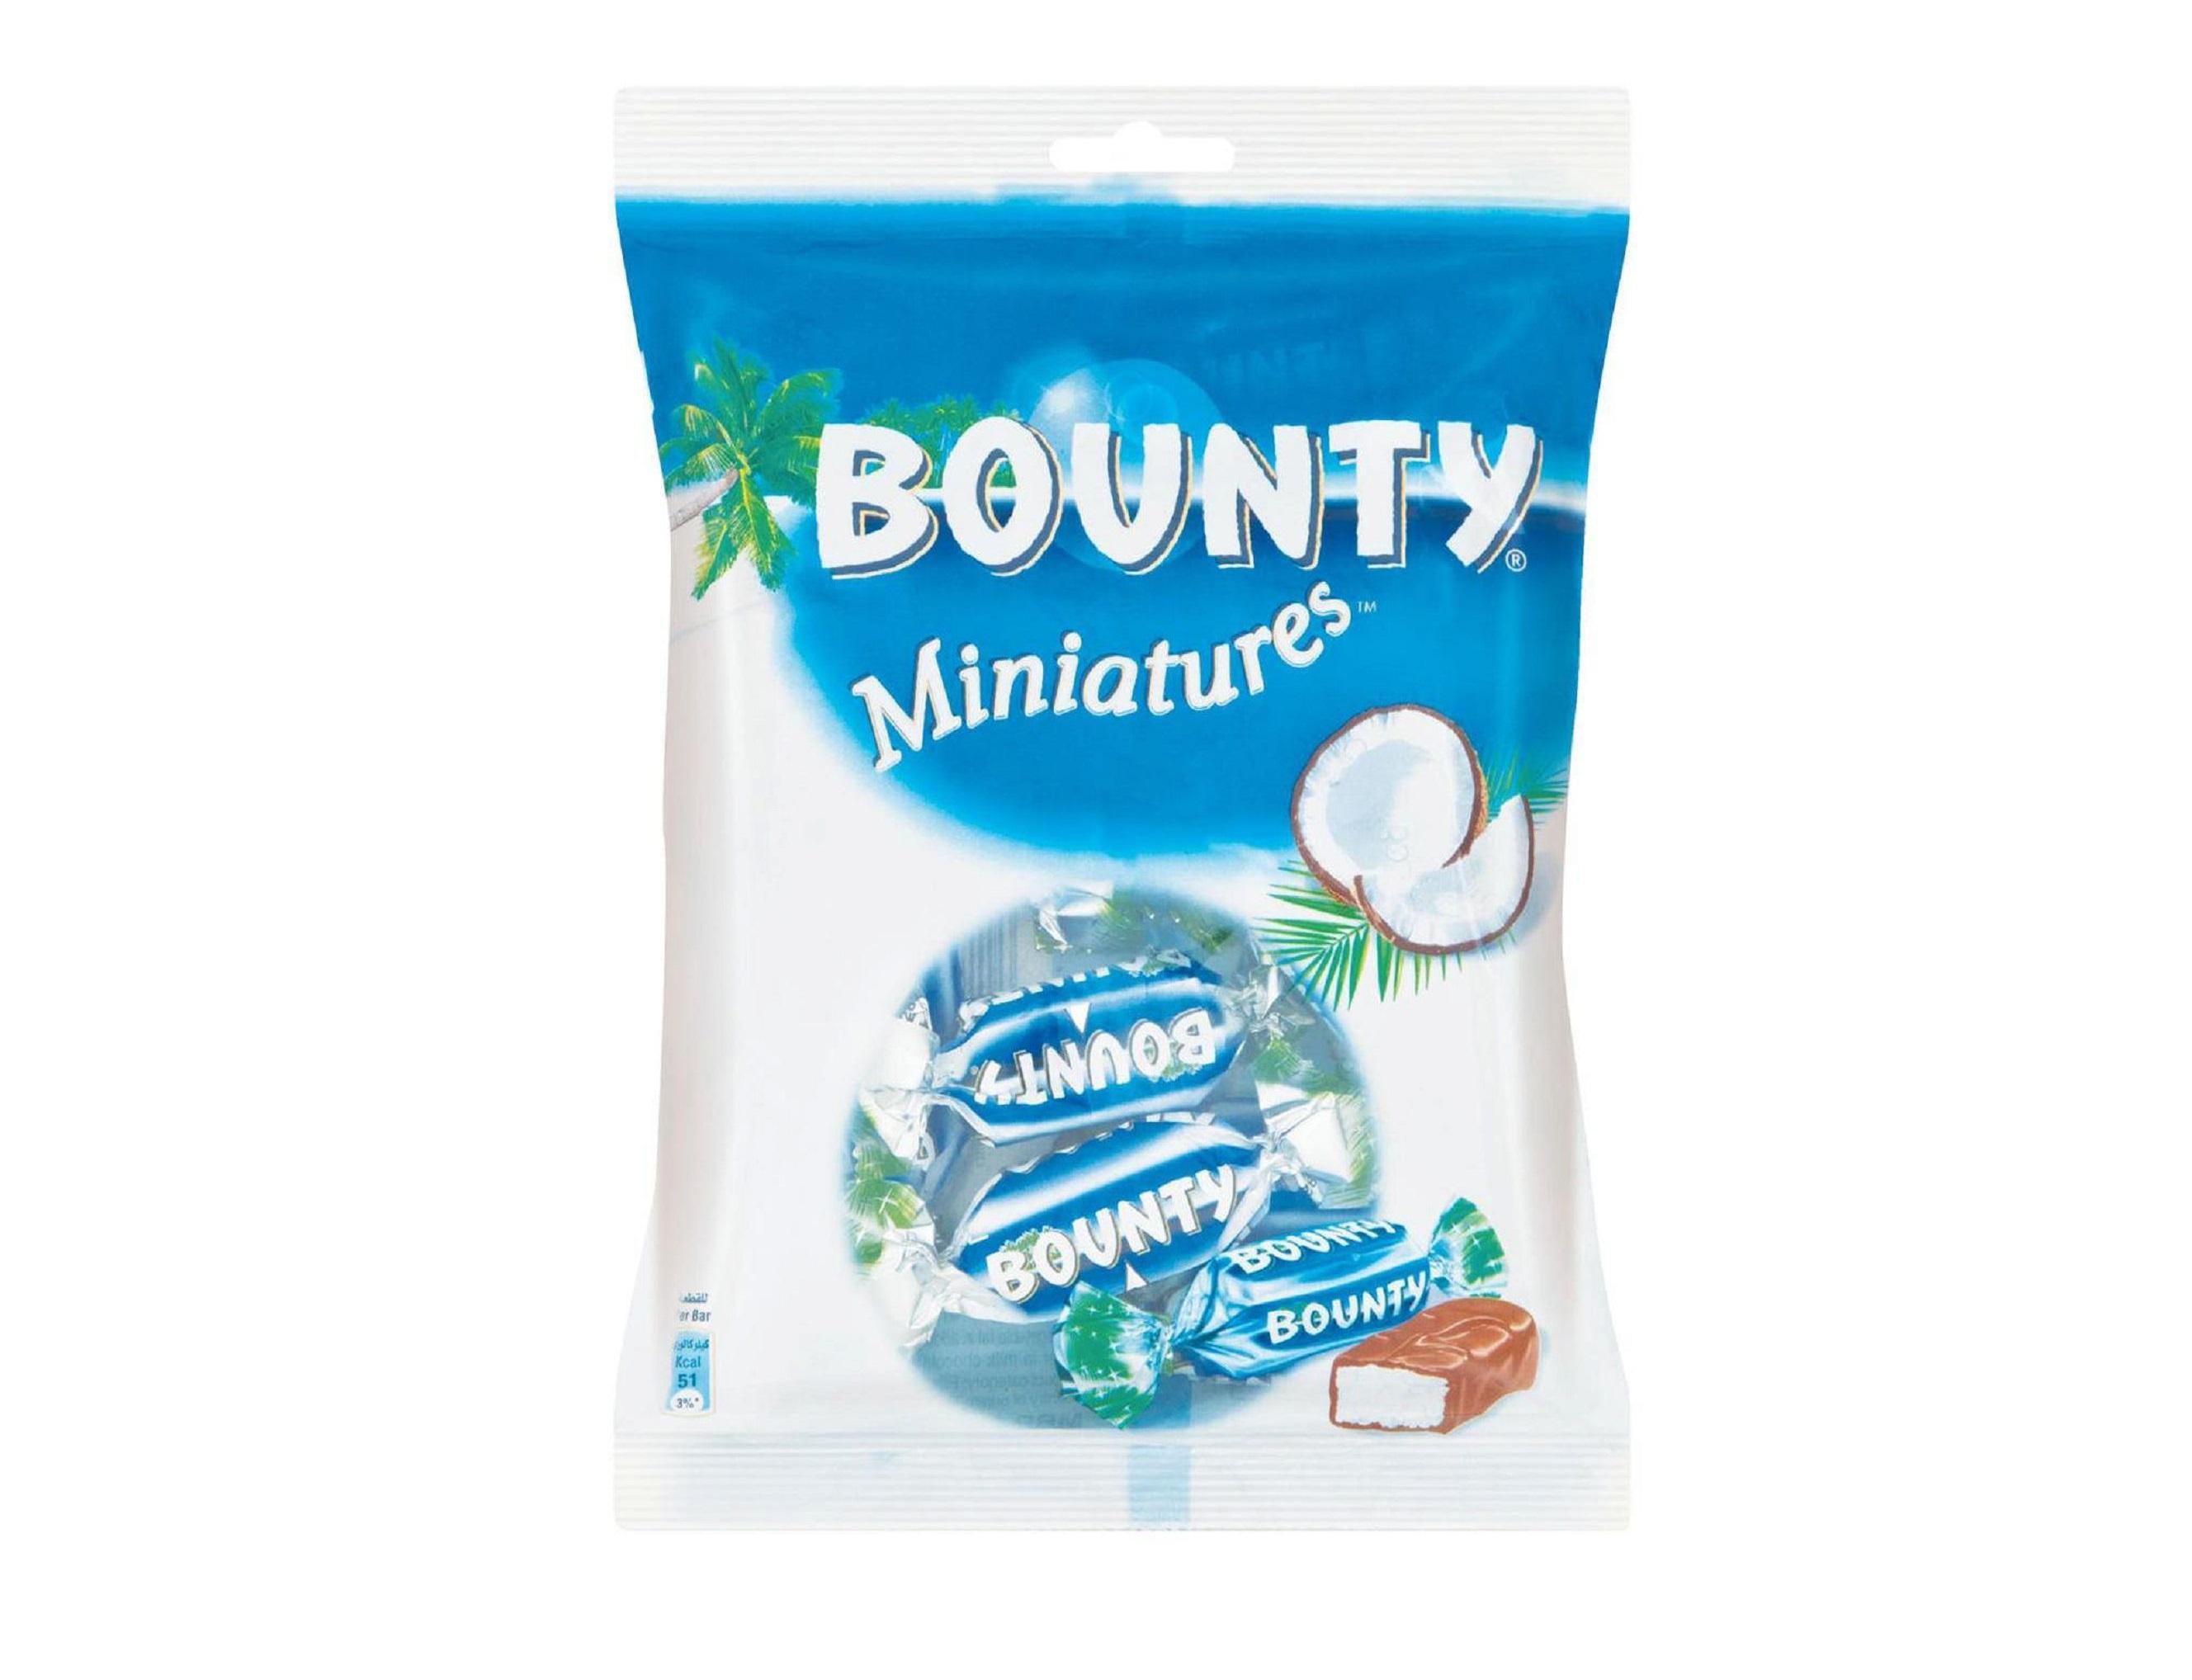 Bounty Wallpapers Hd